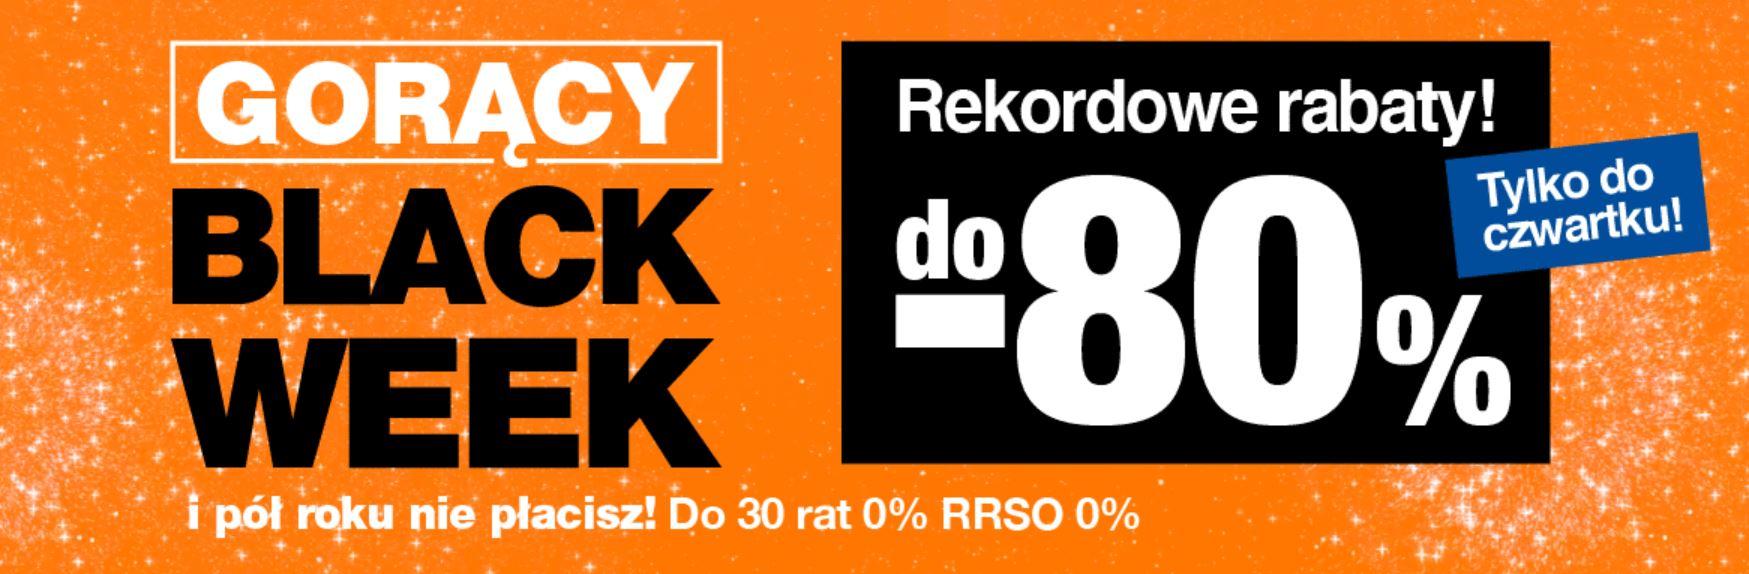 Gorący Black Week w RTV Euro AGD - moje TOP 10 hitów AGD - promocja